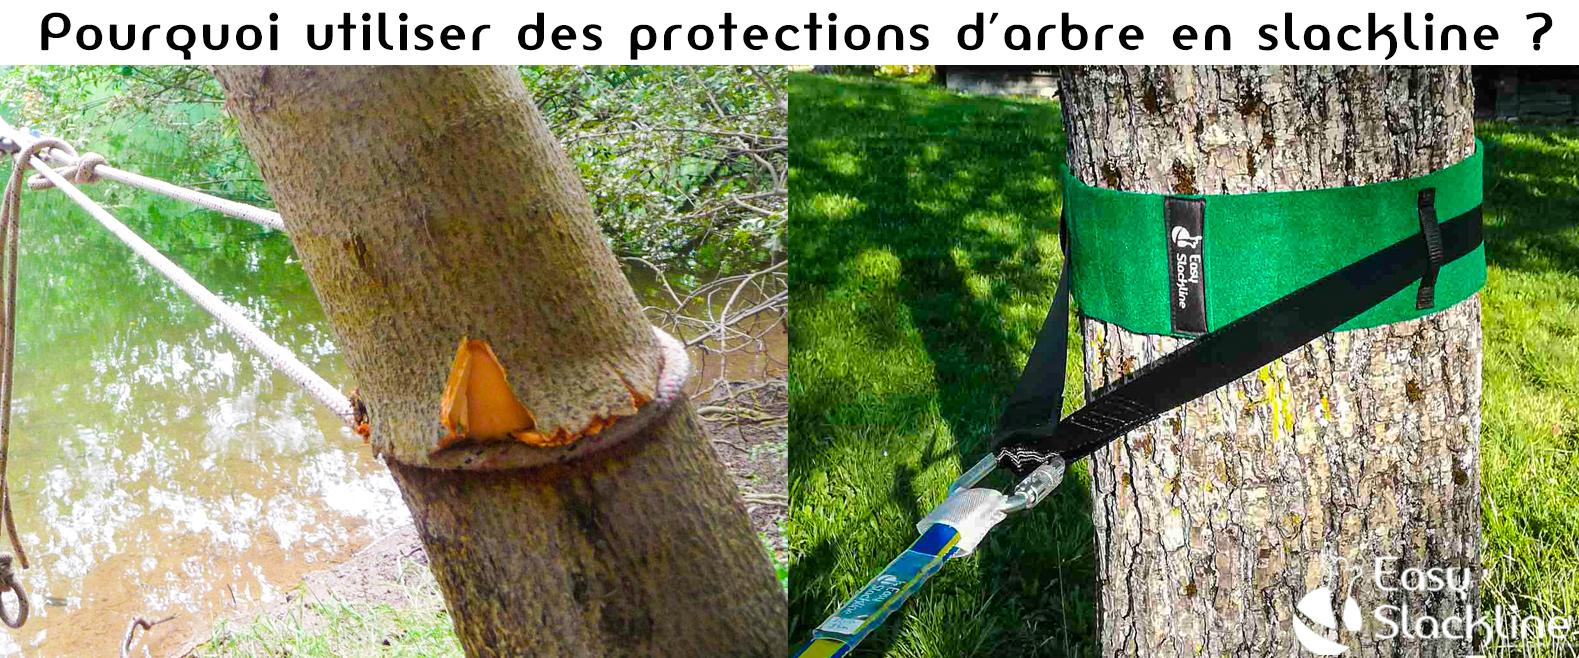 Pourquoi utiliser des protections d'arbre en slackline